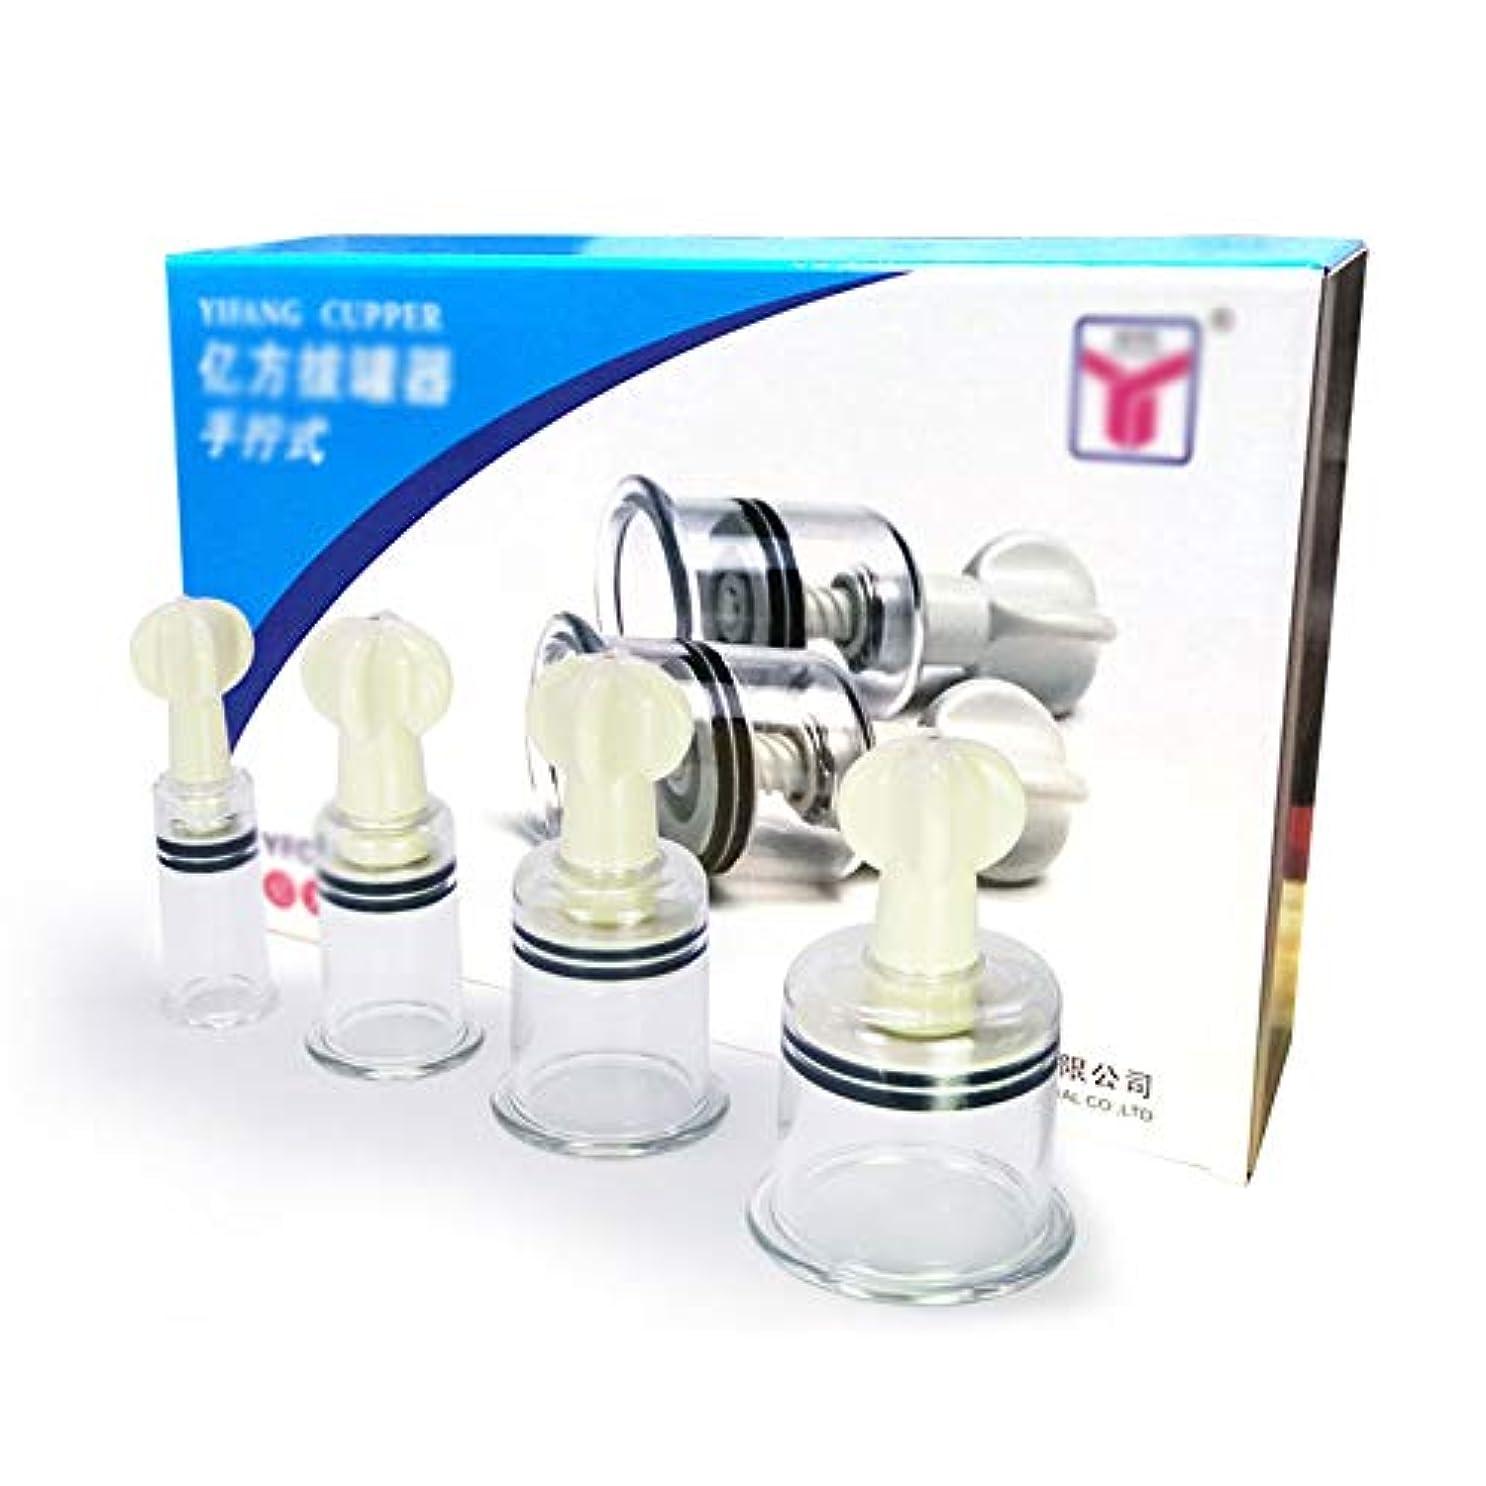 ステープルタクトズームキャッピング装置 - マニュアルロータリープロップ治療装置4/12カップセット大人用非ポンピングガスシリンダー 美しさ (サイズ さいず : 4 cans)